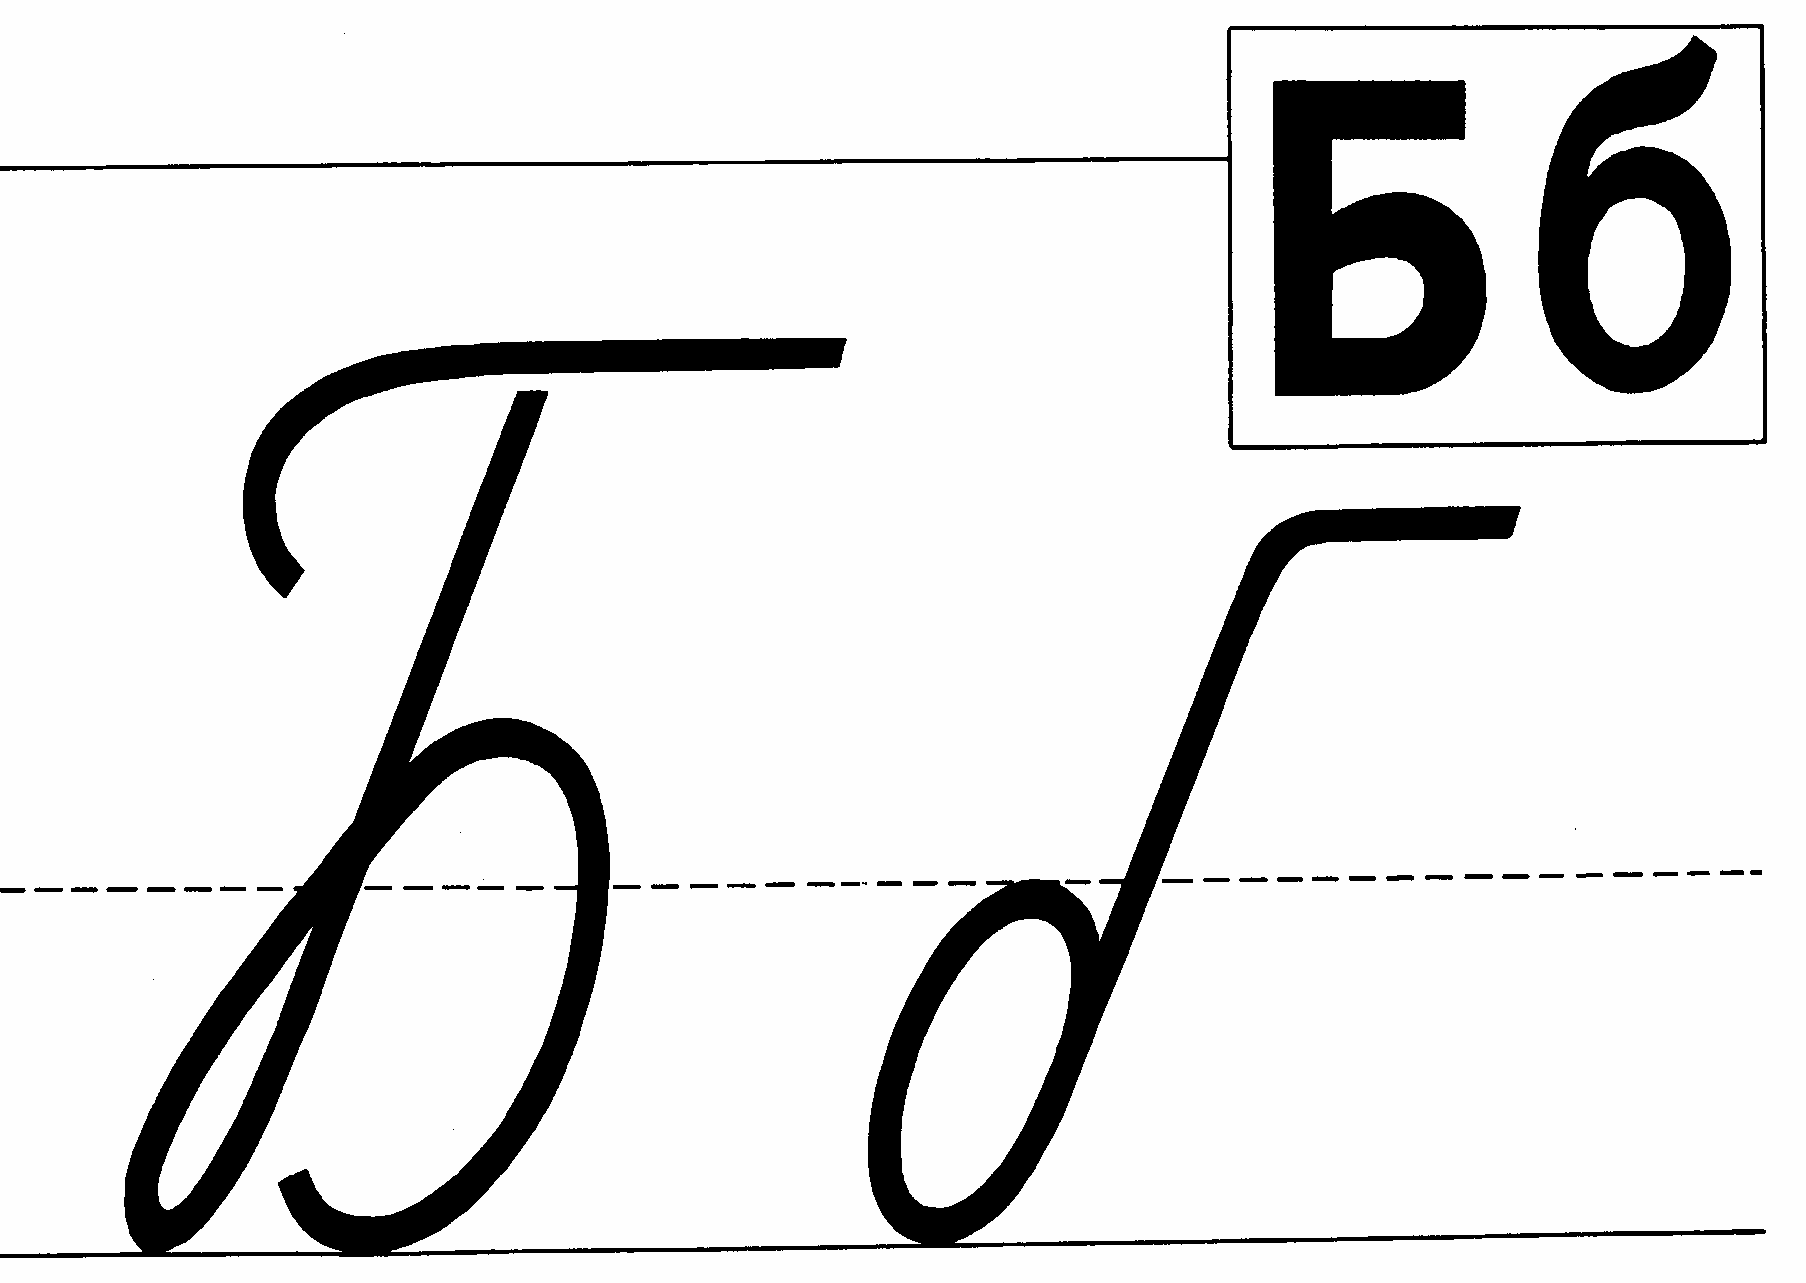 6E71E515